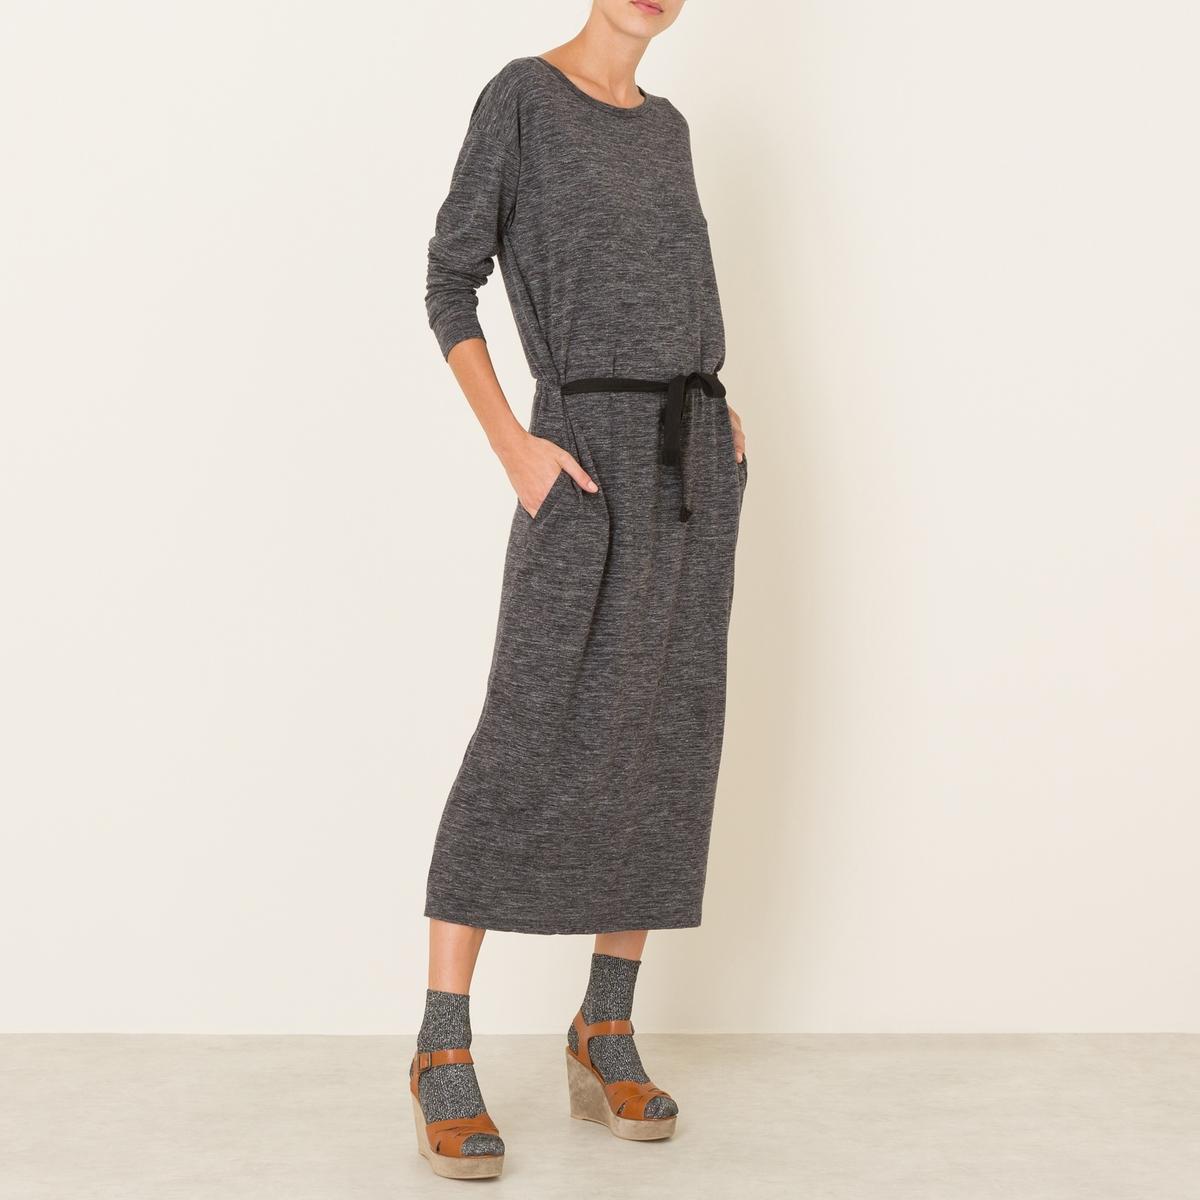 Платье KZ284Прямое платье POMANDERE - из струящегося трикотажа джерси из шерсти и льна, с поясом. Закругленный вырез. Длинные рукава веретенообразной формы. Пояс с завязками контрастного цвета. Прямой покрой. Состав и описание Материал : 52% полиамида, 25% шерсти, 23% льнаДлина : до коленМарка : POMANDERE<br><br>Цвет: серый